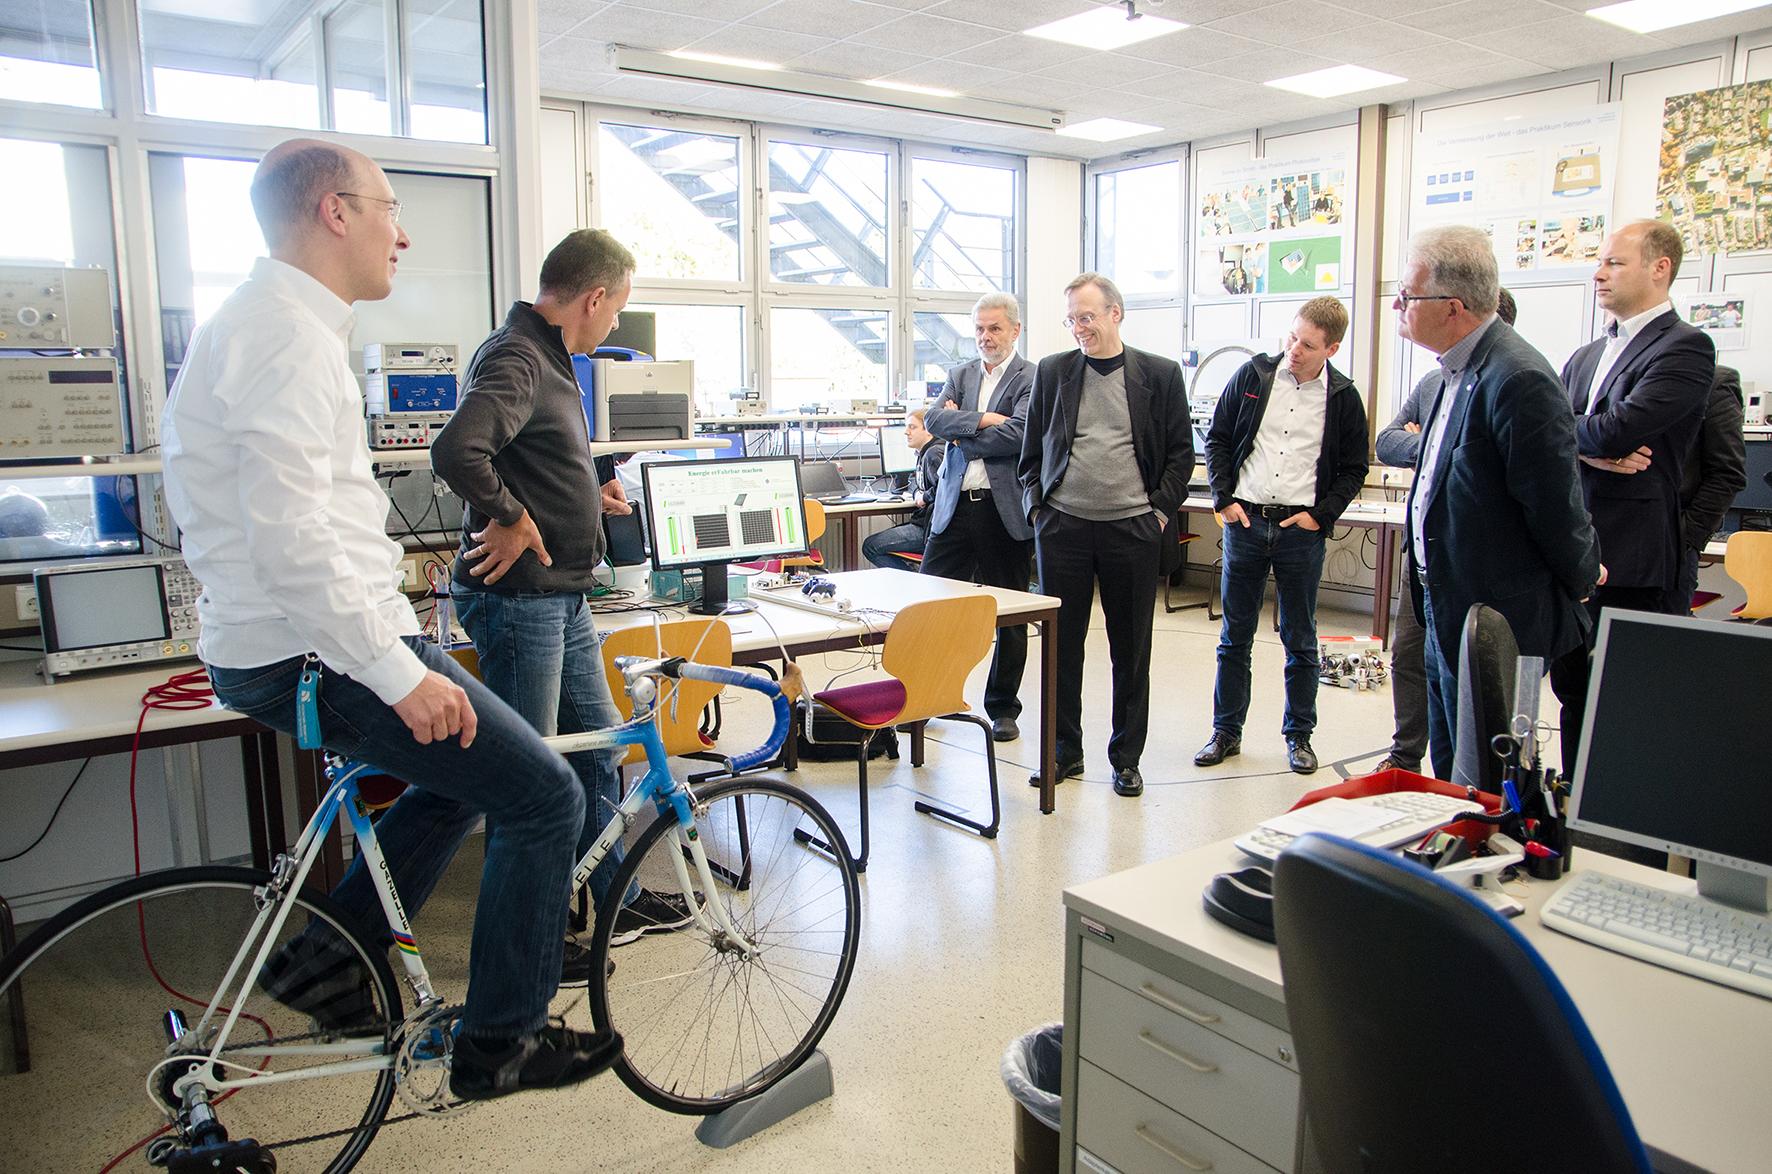 Landesdekanetreffen: Professor auf Energie-Rennrad